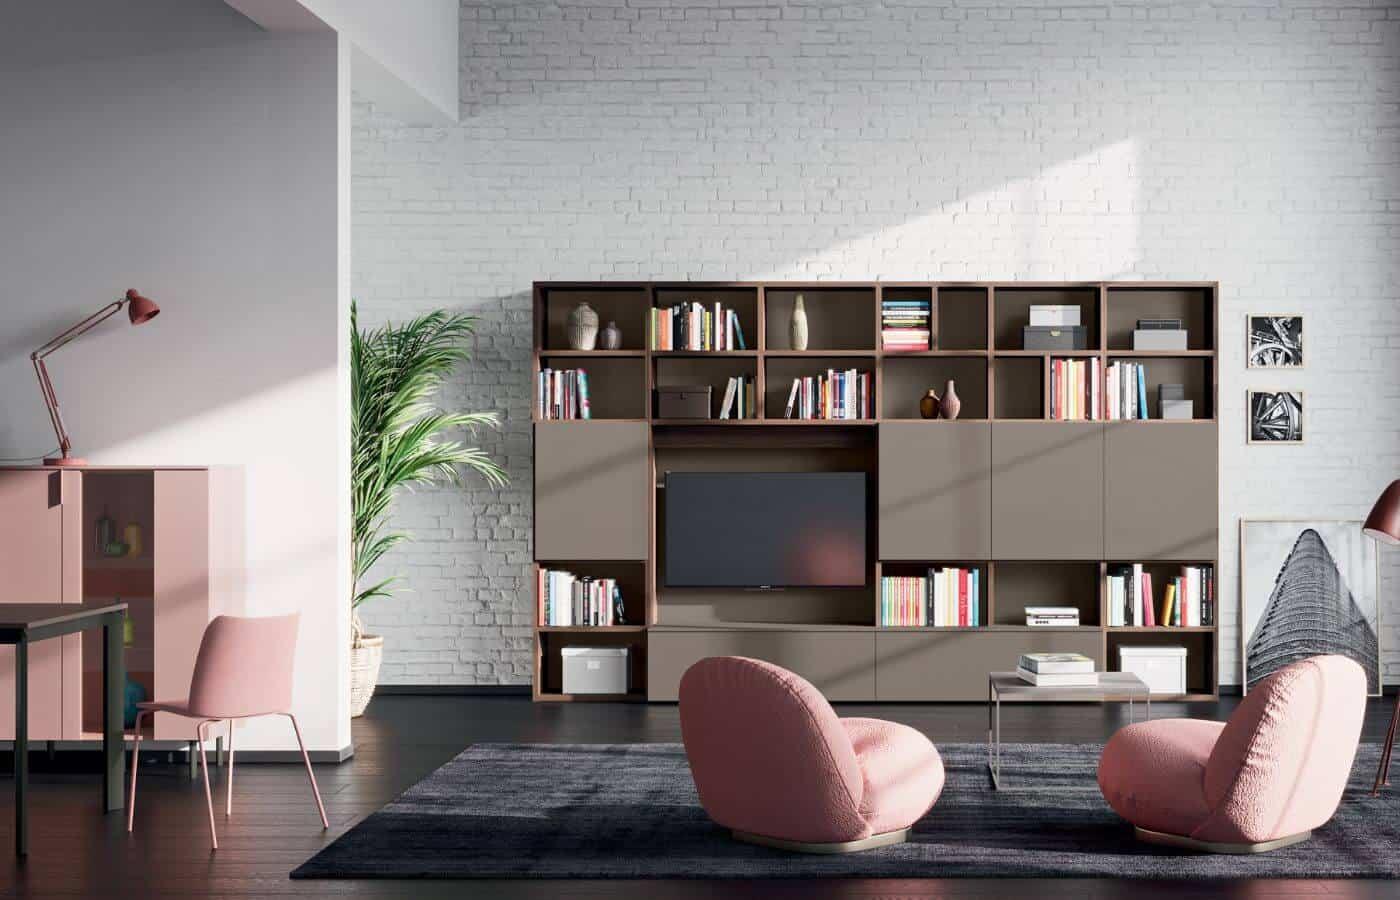 zona-giorno-librerie-collezione-giunone-il-mobile (1)